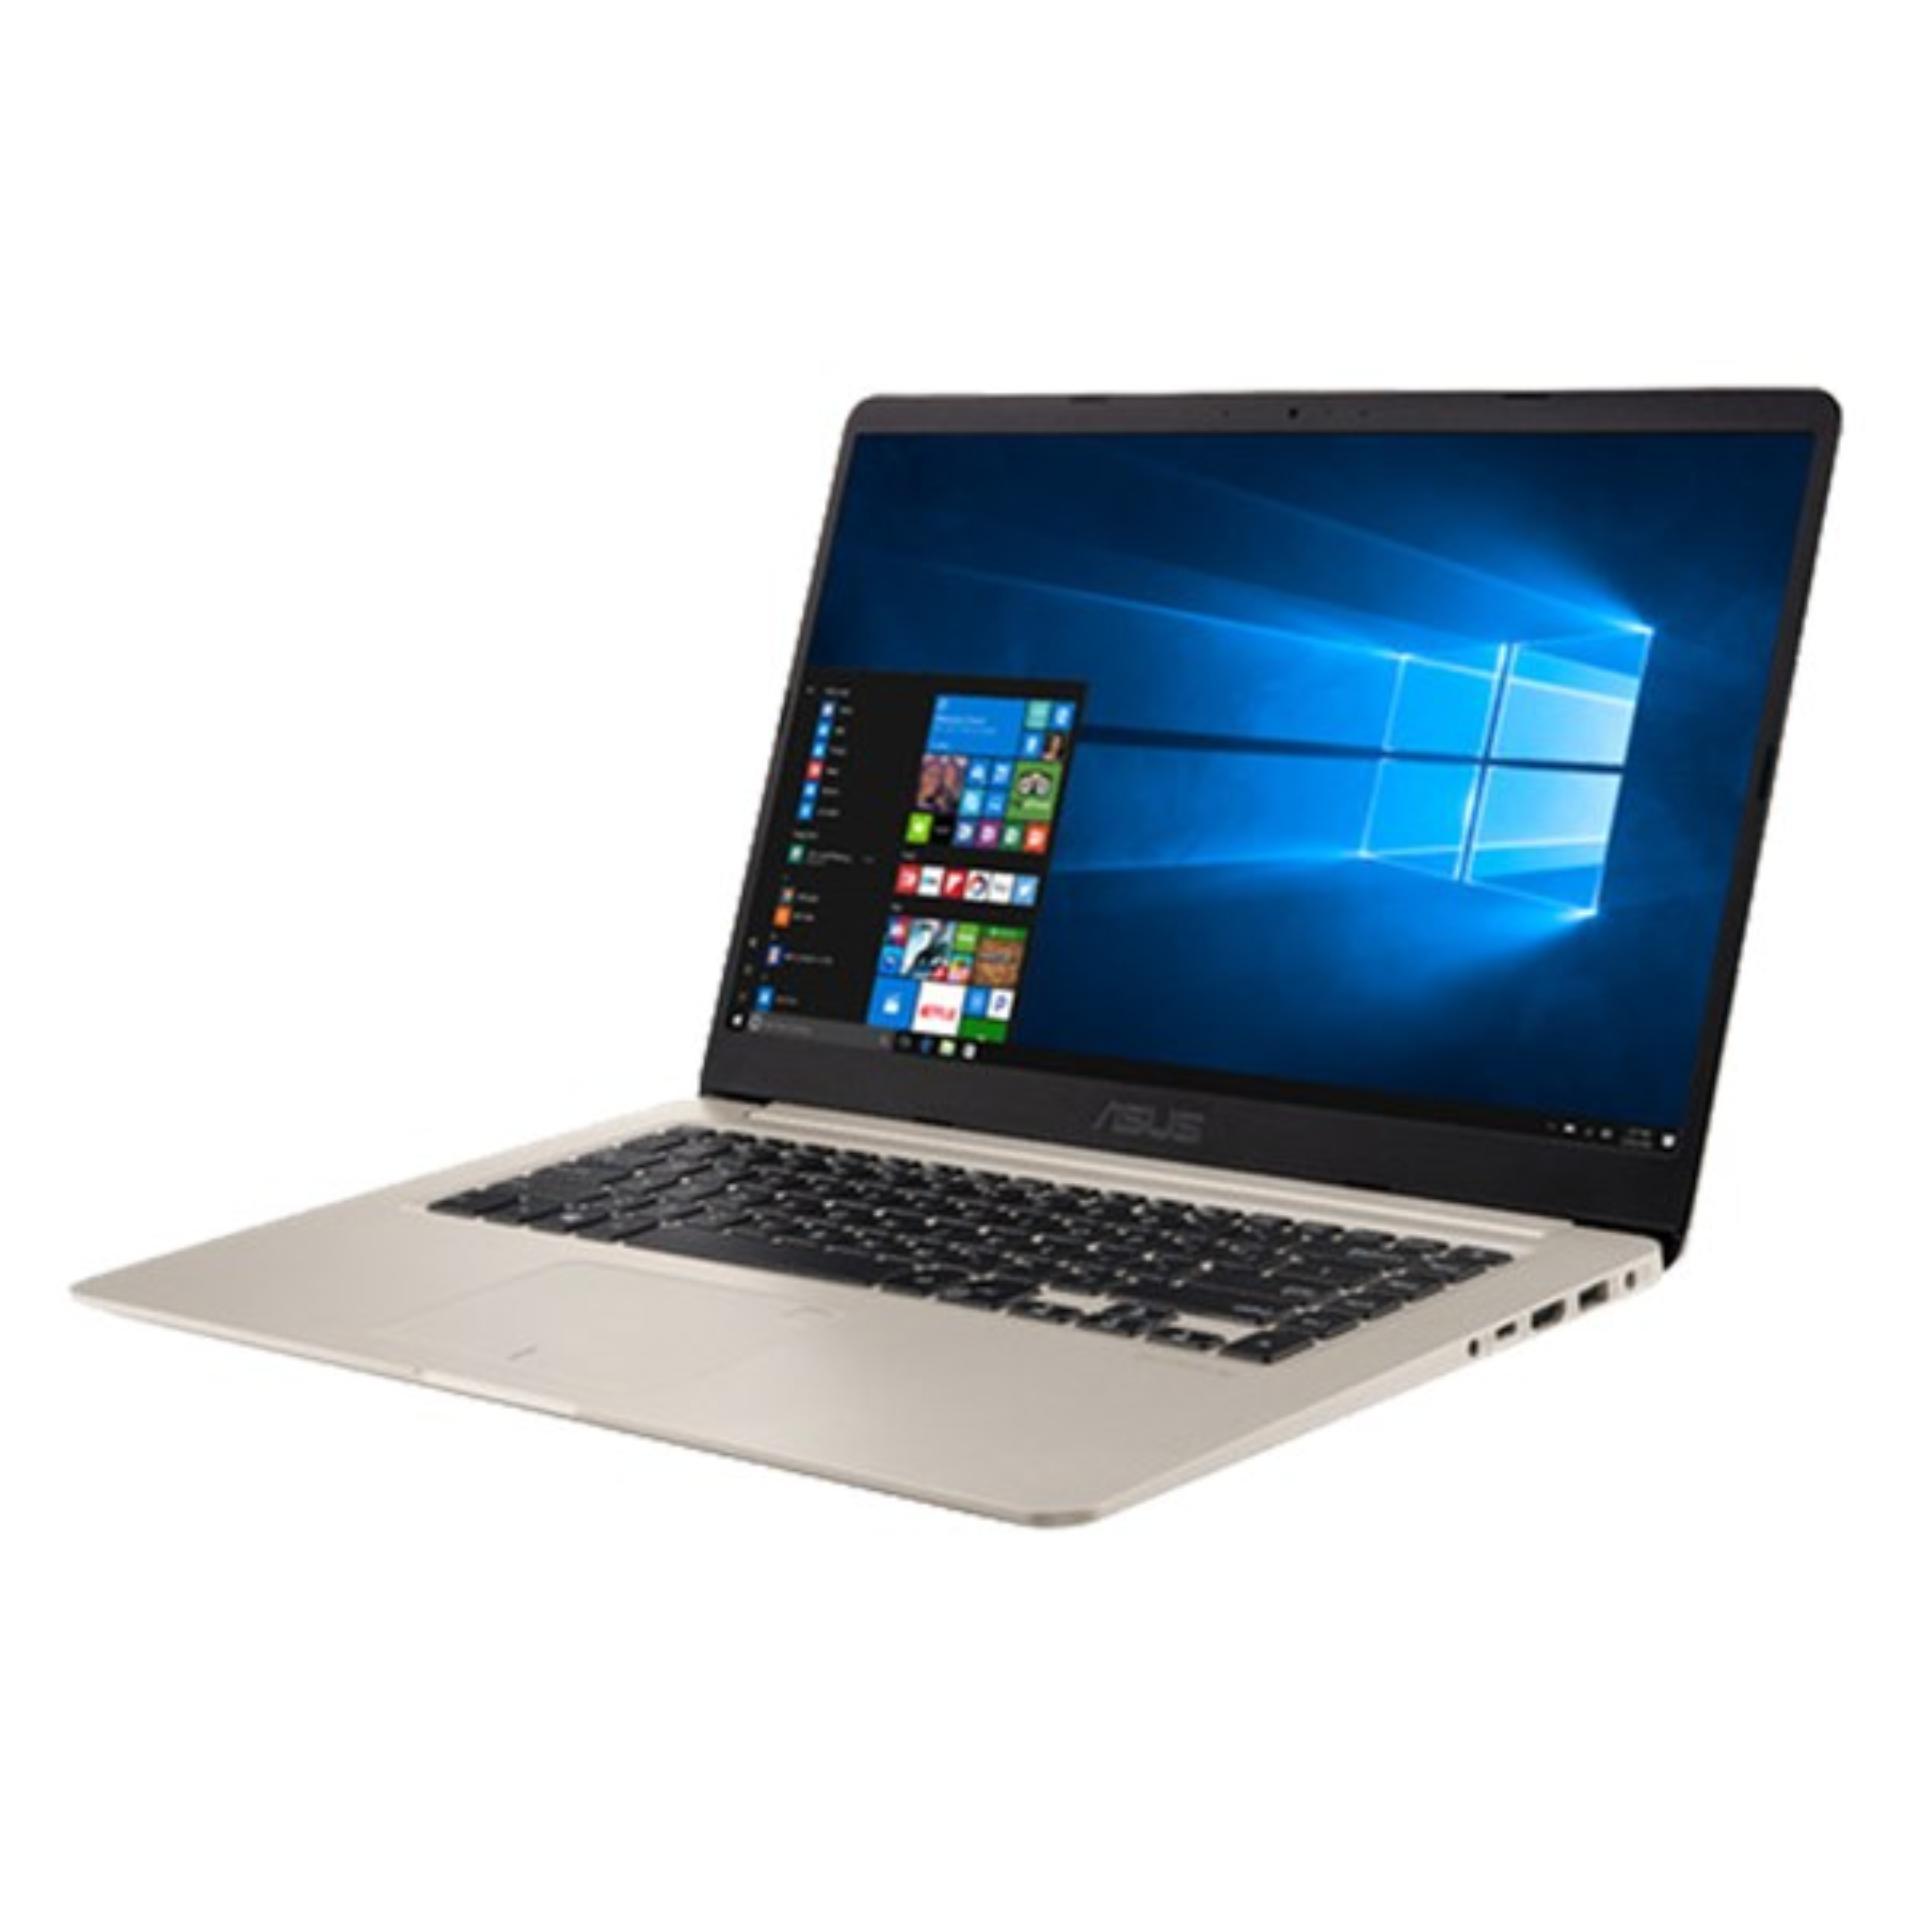 ASUS S406UA-BM145T/ Intel® Core™ i7-8550U processor 8GB DDR4 RAM & 512GB SSD Windows 10